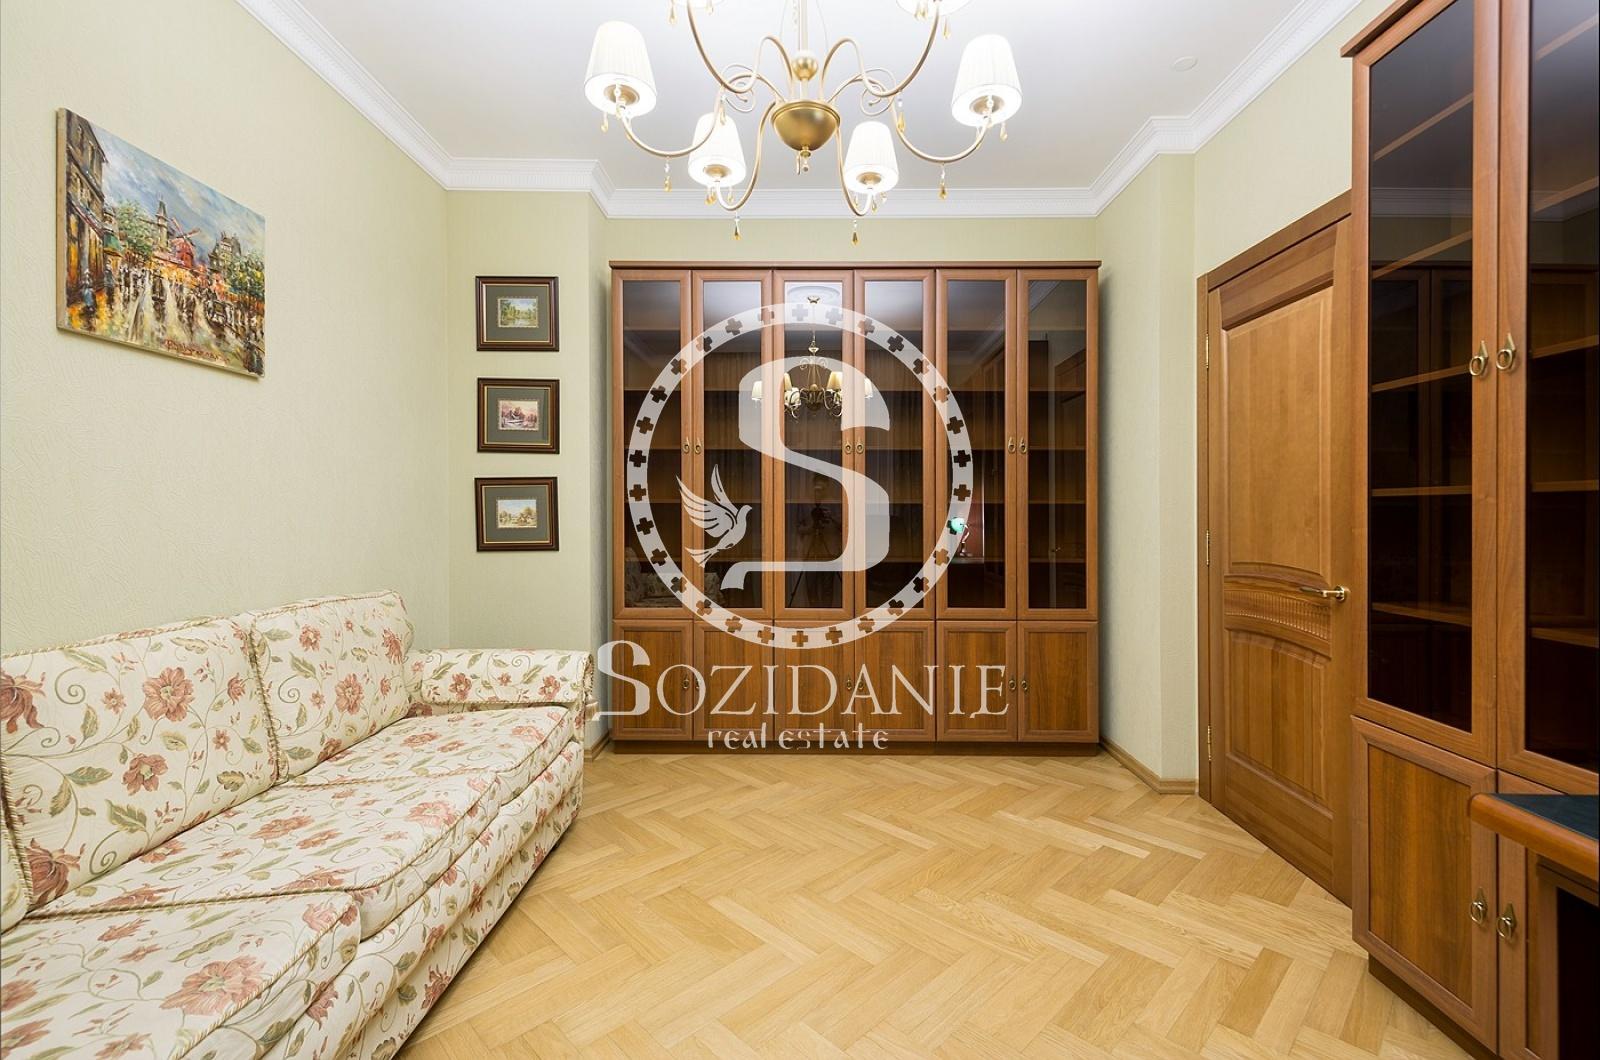 3 Комнаты, Городская, Аренда, Чапаевский переулок, Listing ID 3662, Москва, Россия,